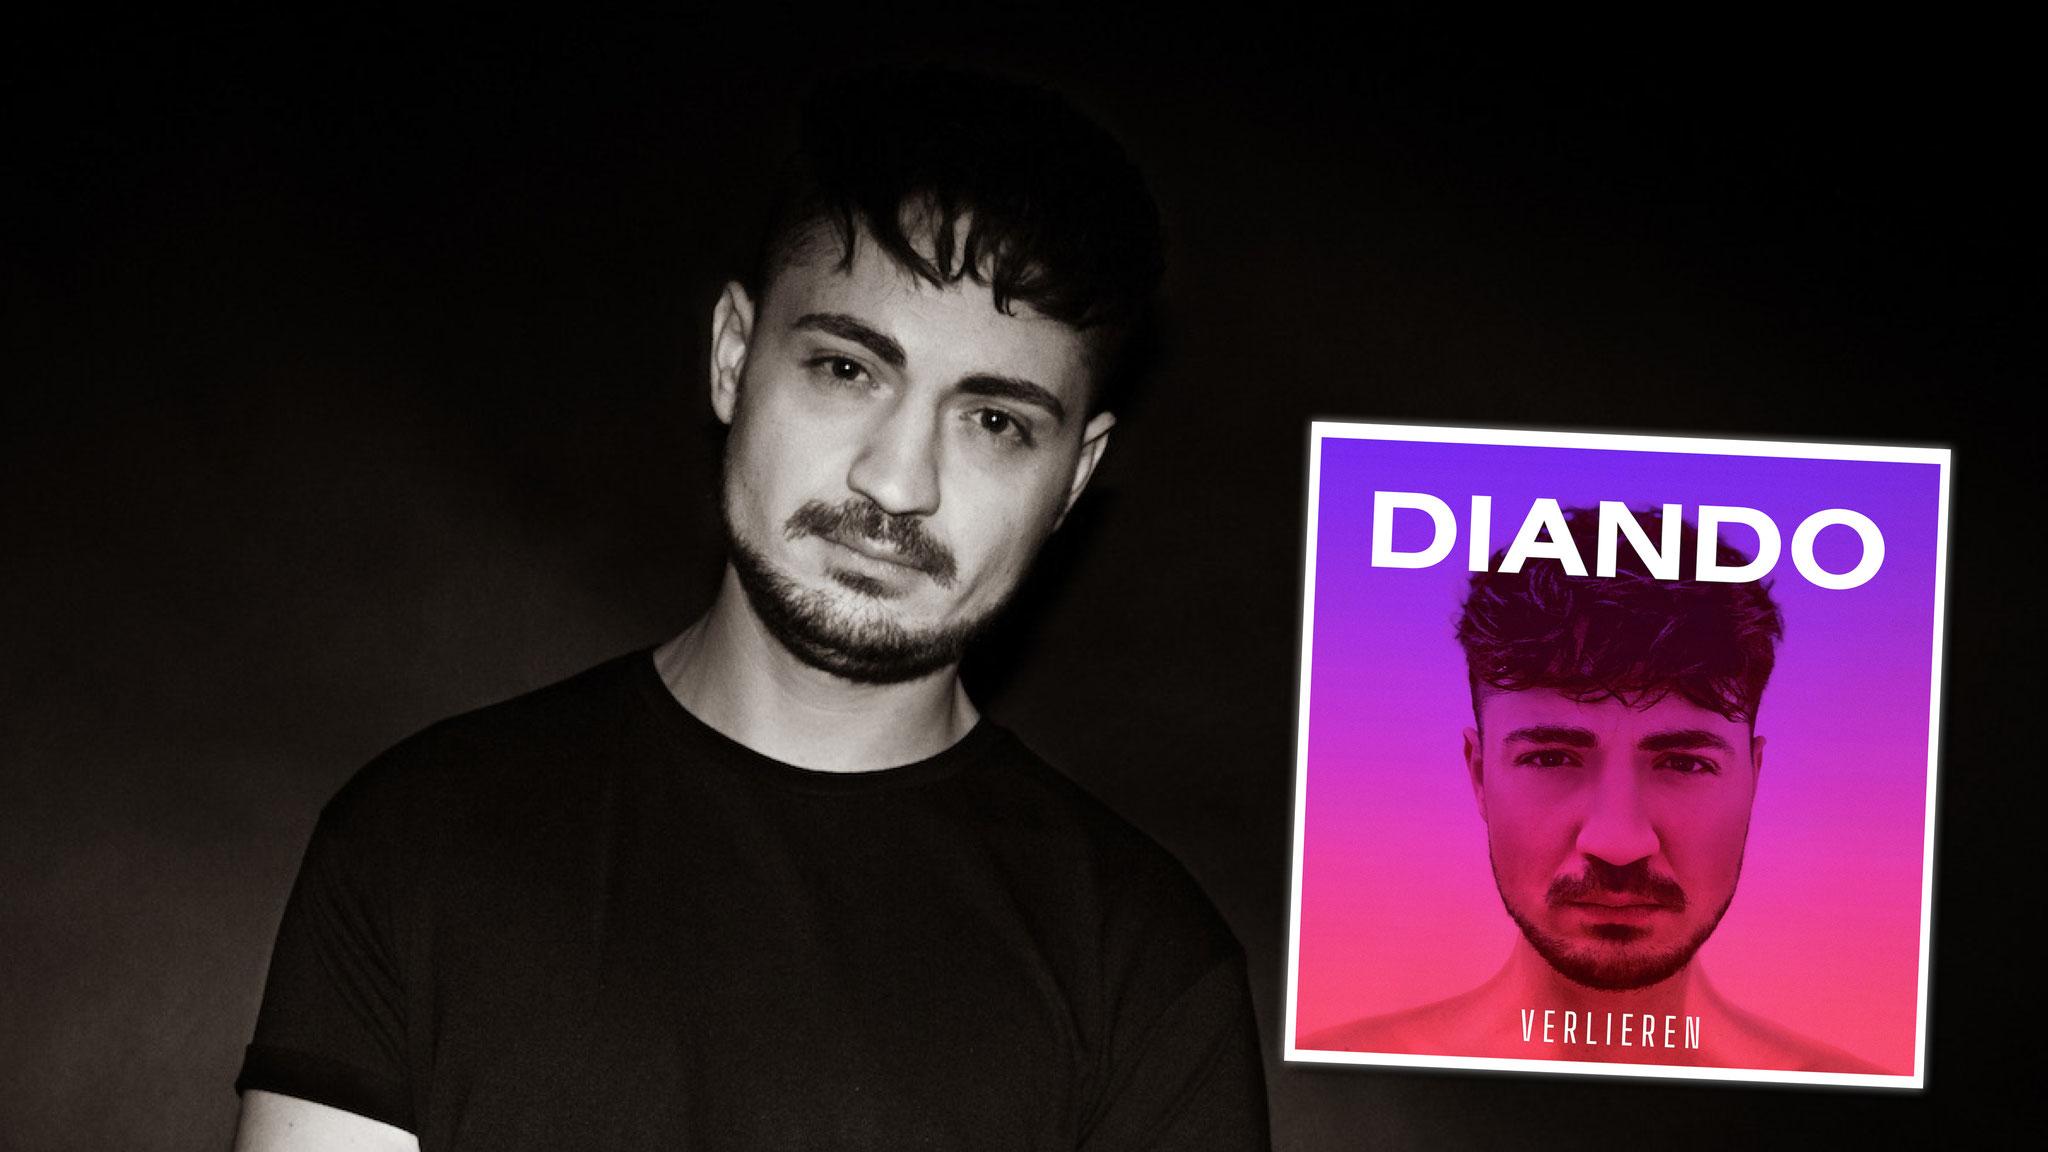 """""""Verlieren"""": Die neue Single des Berliners DIANDO"""